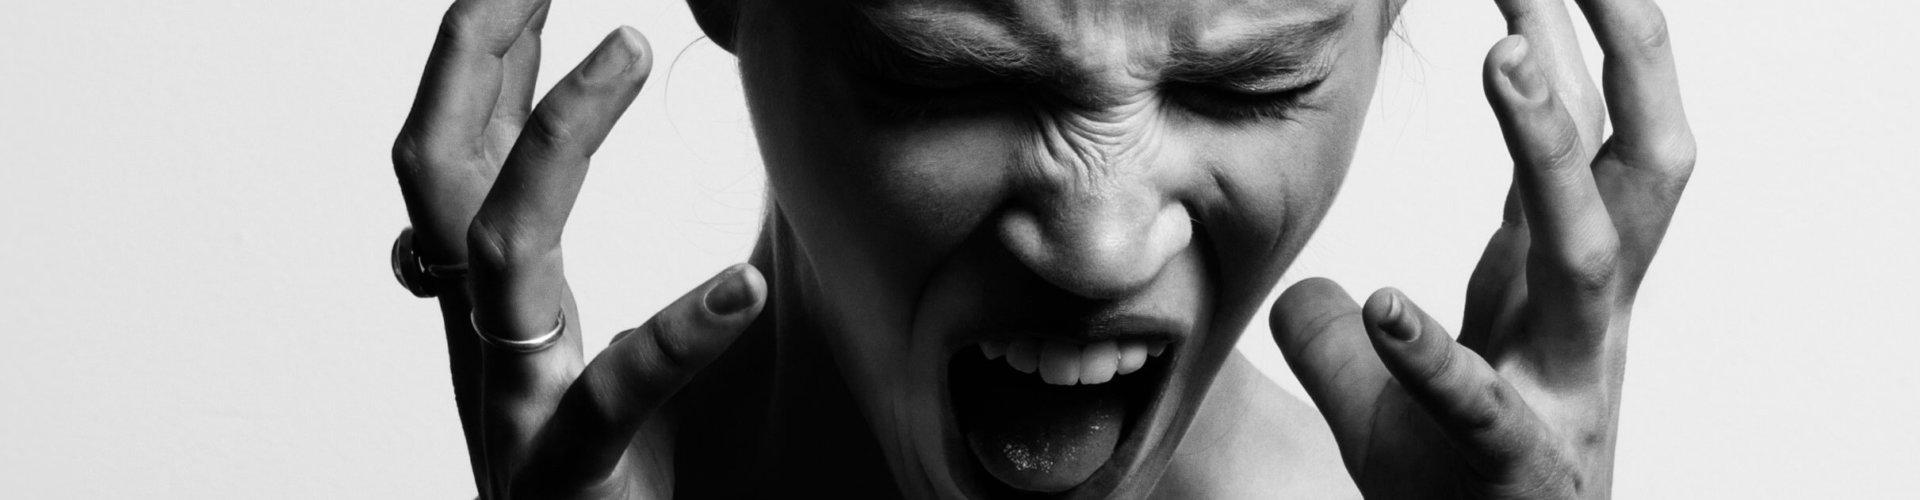 Panikattacken aufgrund von Fehldiagnose